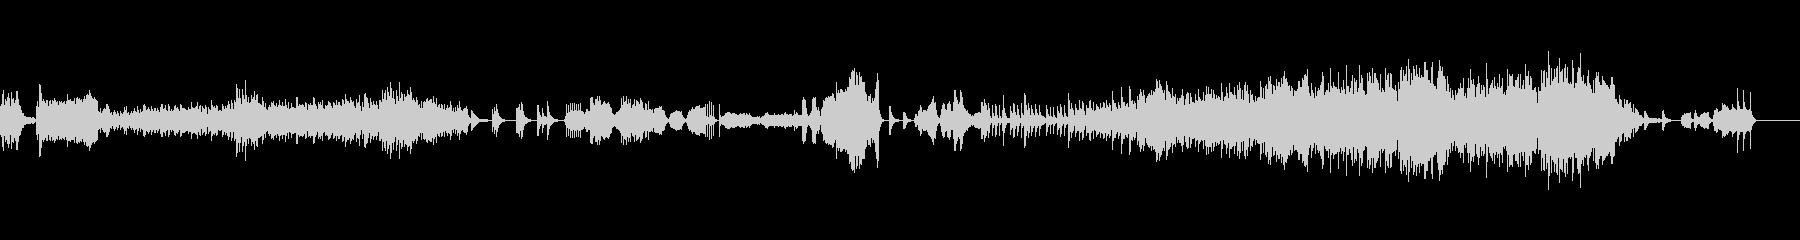 ベルと弦のしっとりとしたアンサンブルの未再生の波形